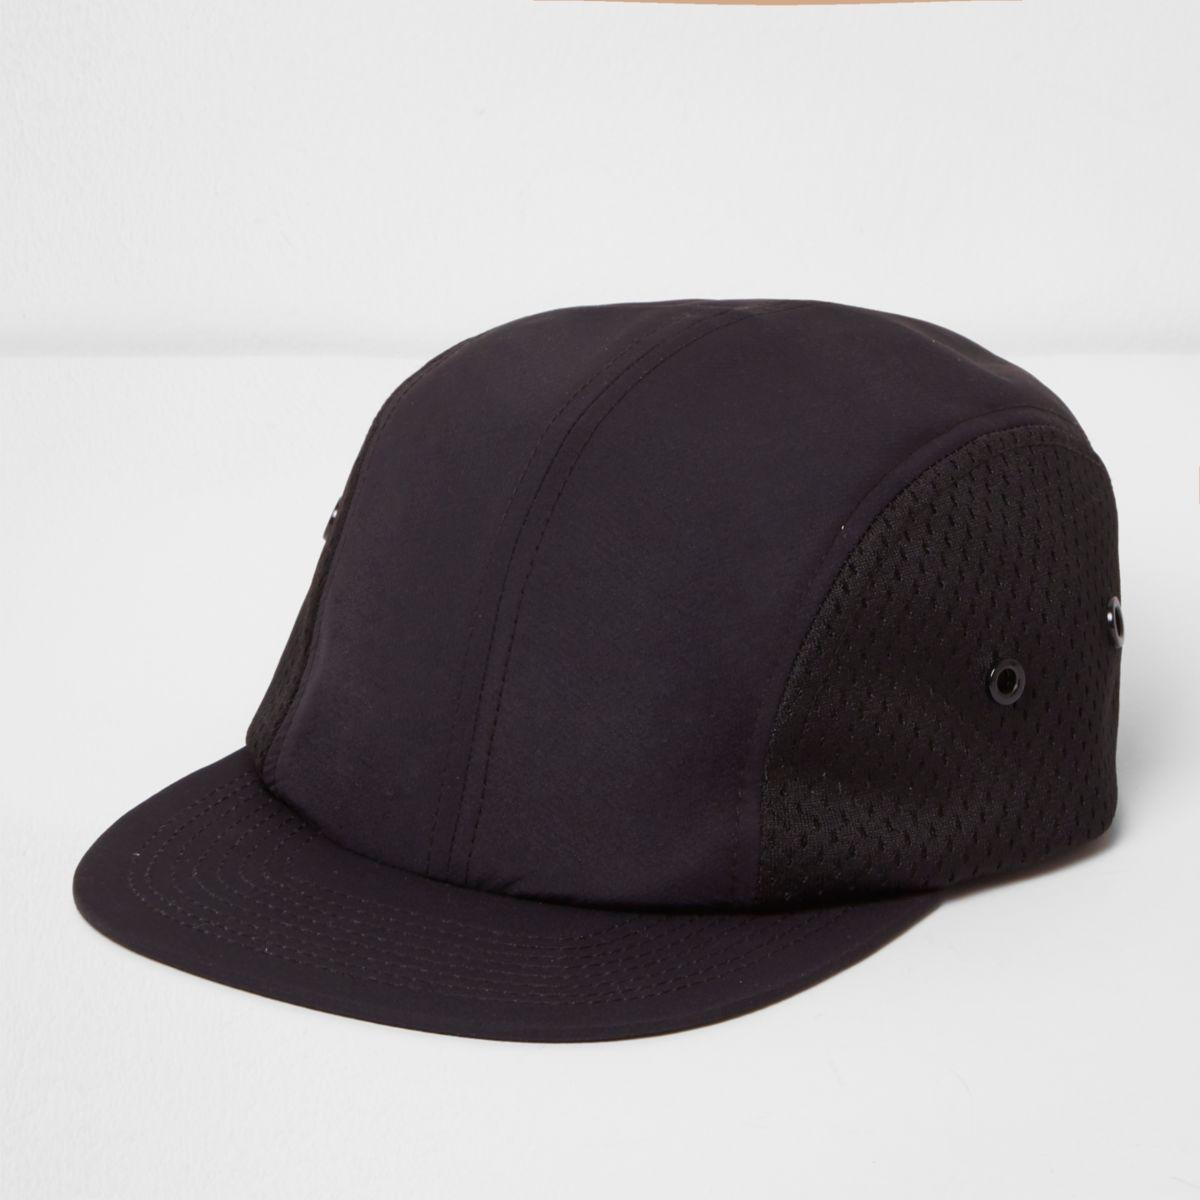 Black perforated mesh cap